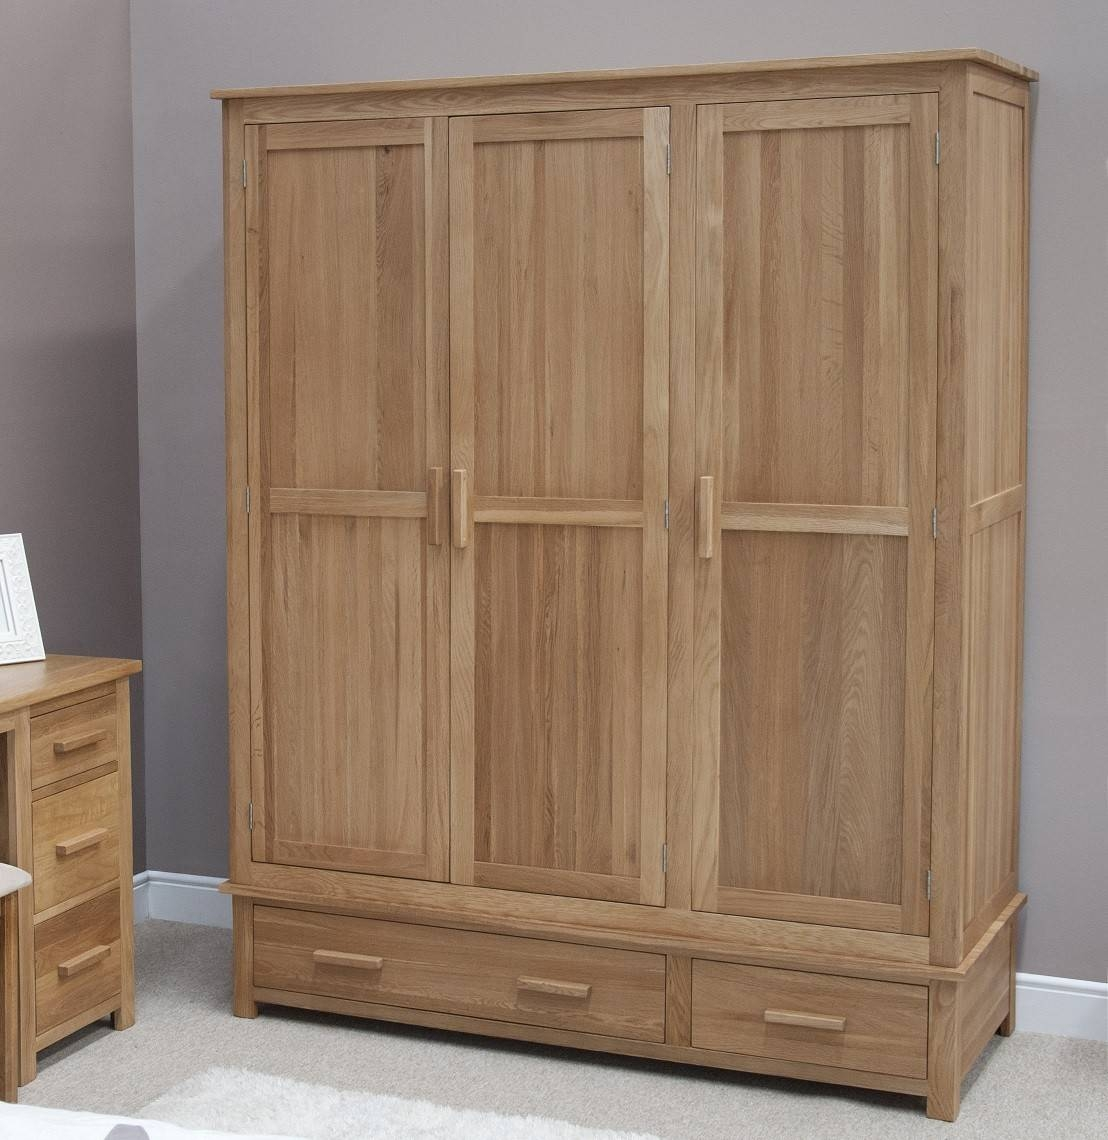 Opus Solid Oak 3 Door Triple Wardrobe | Oak Furniture Uk with Oak 3 Door Wardrobes (Image 9 of 15)